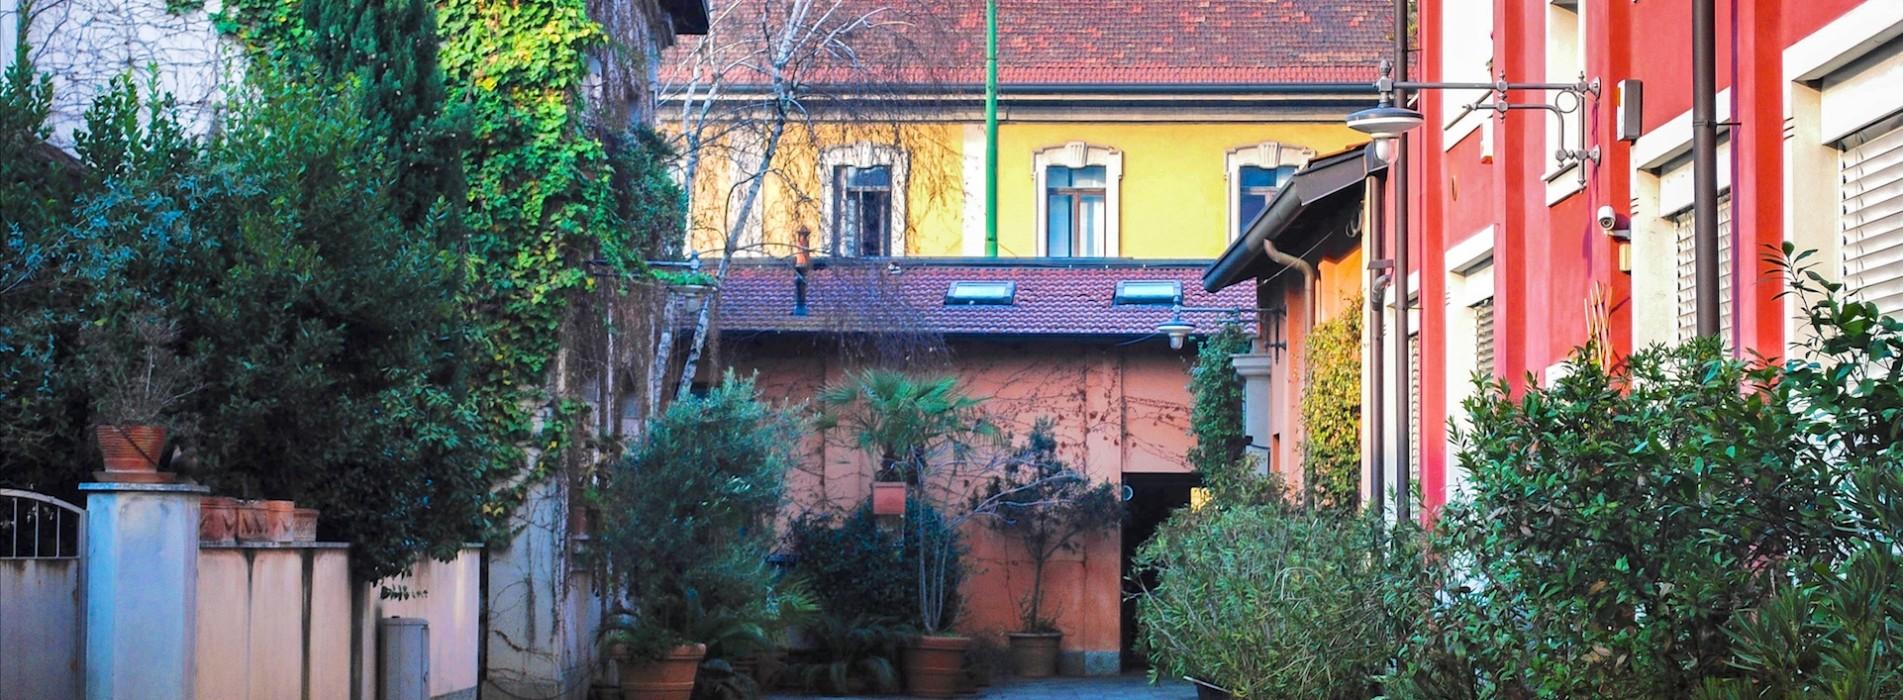 Vendita loft via Meda, Navigli